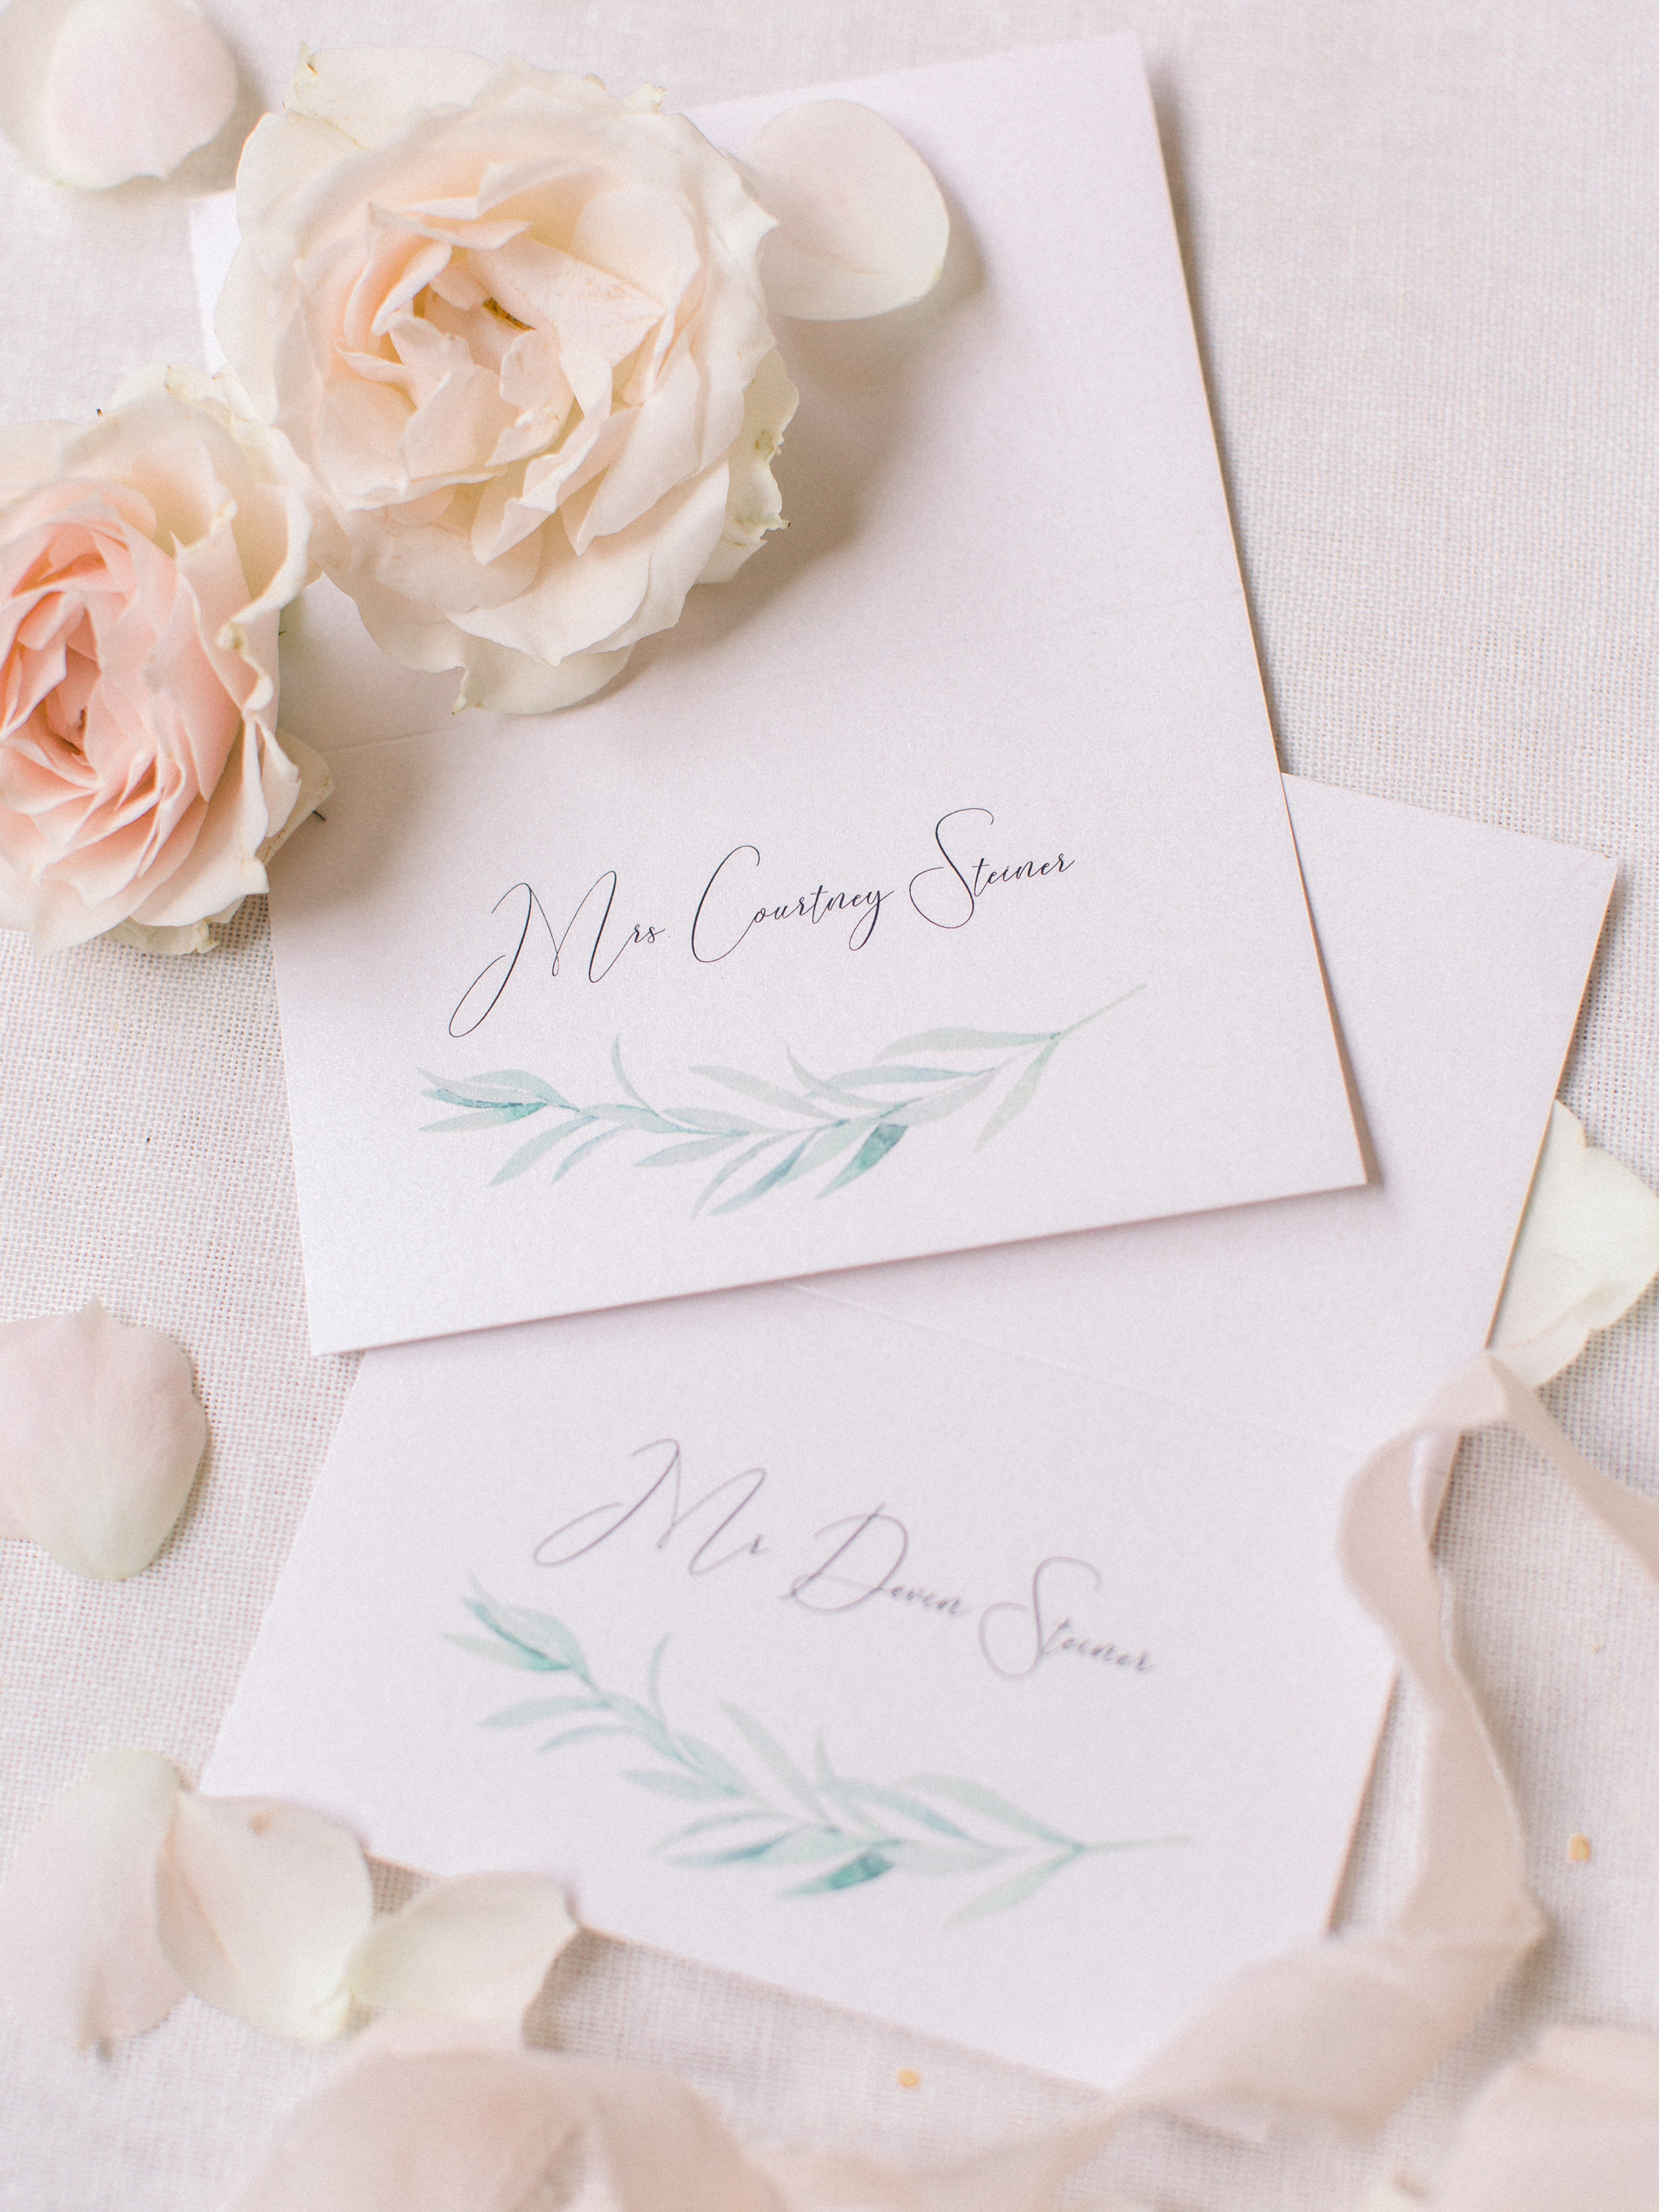 Steiner+Wedding+Details-17.jpg